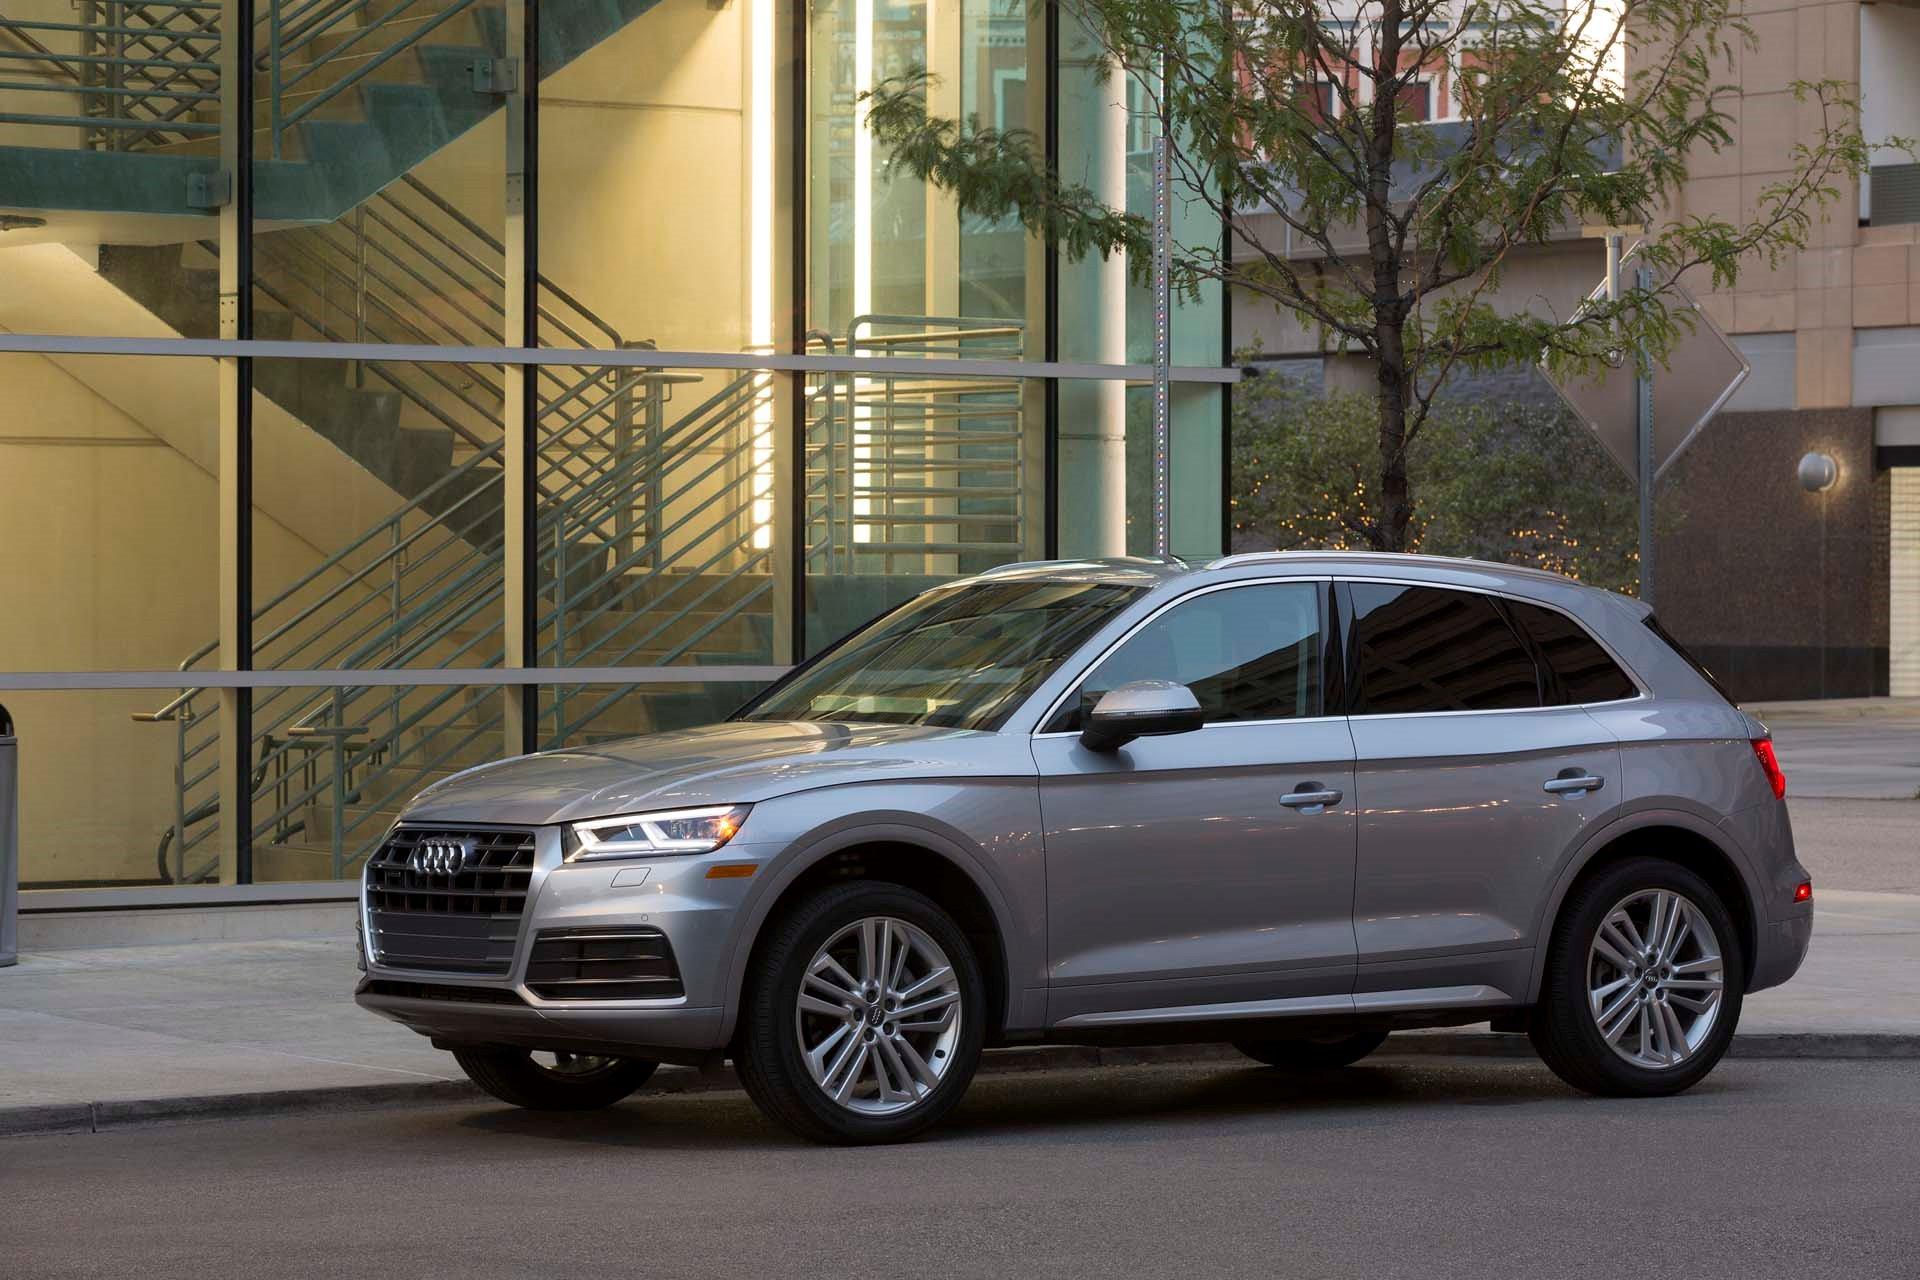 New 2019 Audi Q5 2.0T quattro Premium 2.0T quattro Premium for sale $42,950 at M and V Leasing in Brooklyn NY 11223 1